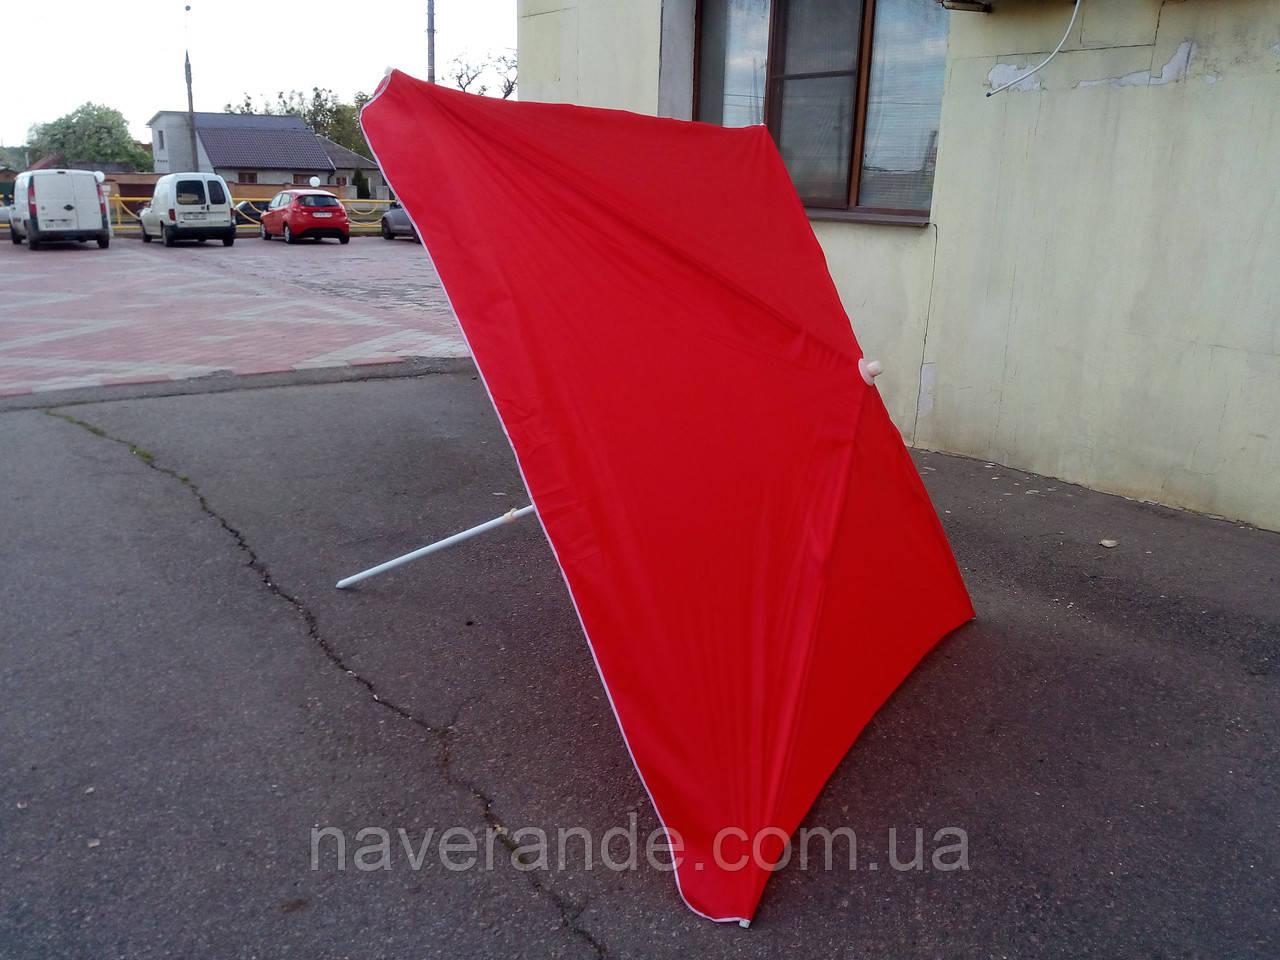 Квадратный пляжный зонт от солнца (красный 3х3 м с клапаном)